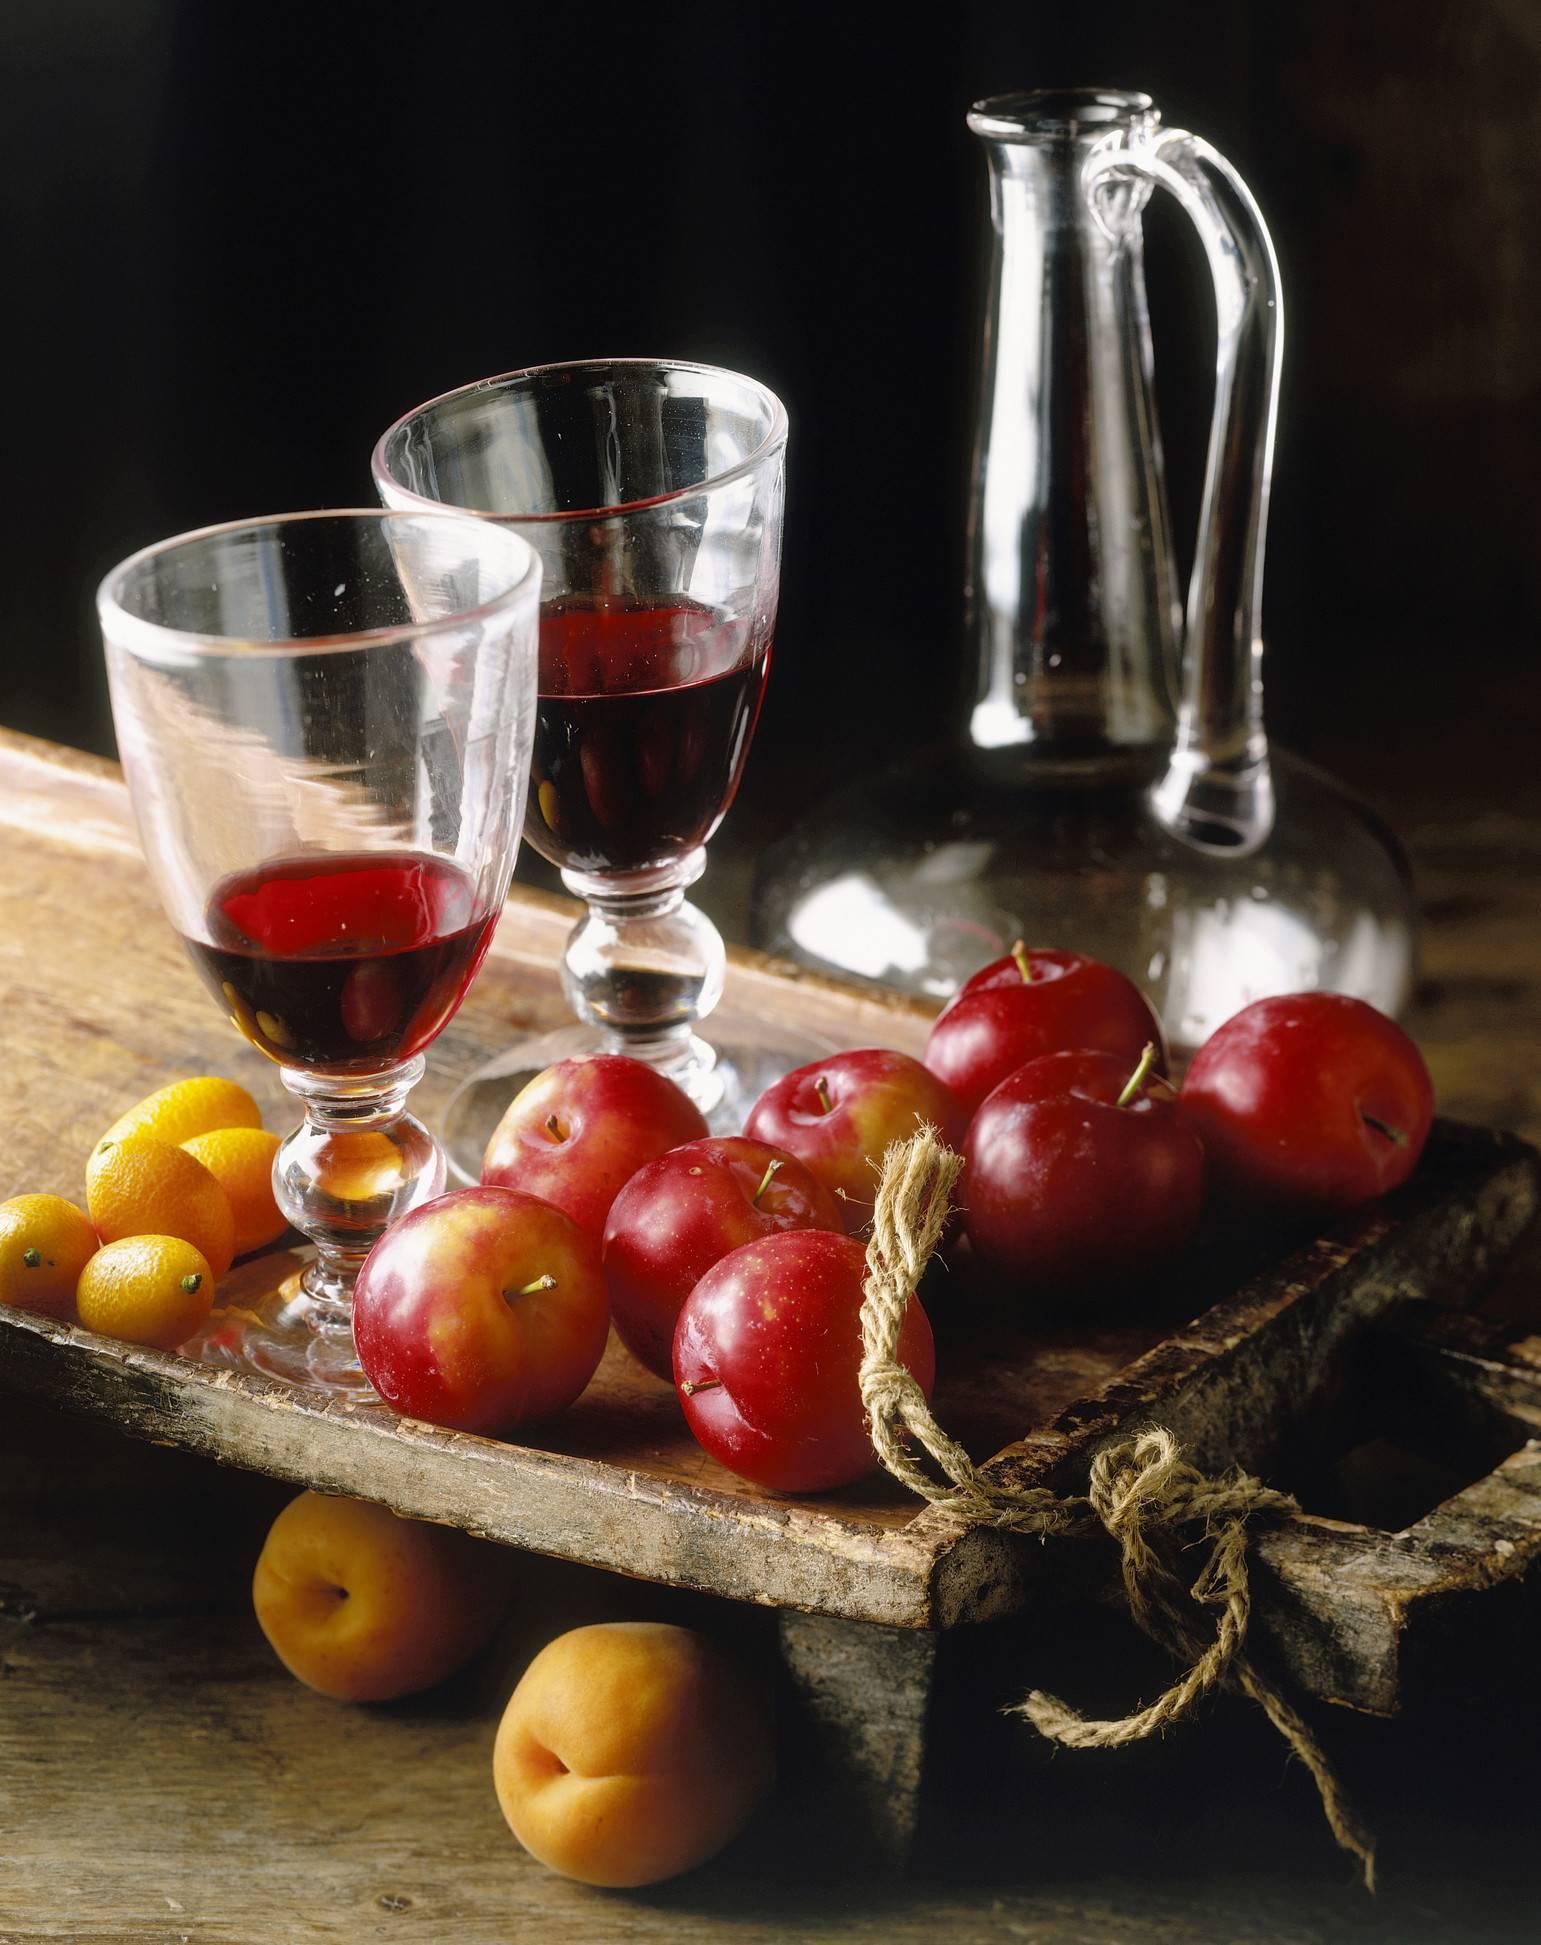 Рецепт приготовления домашнего вина из абрикосов